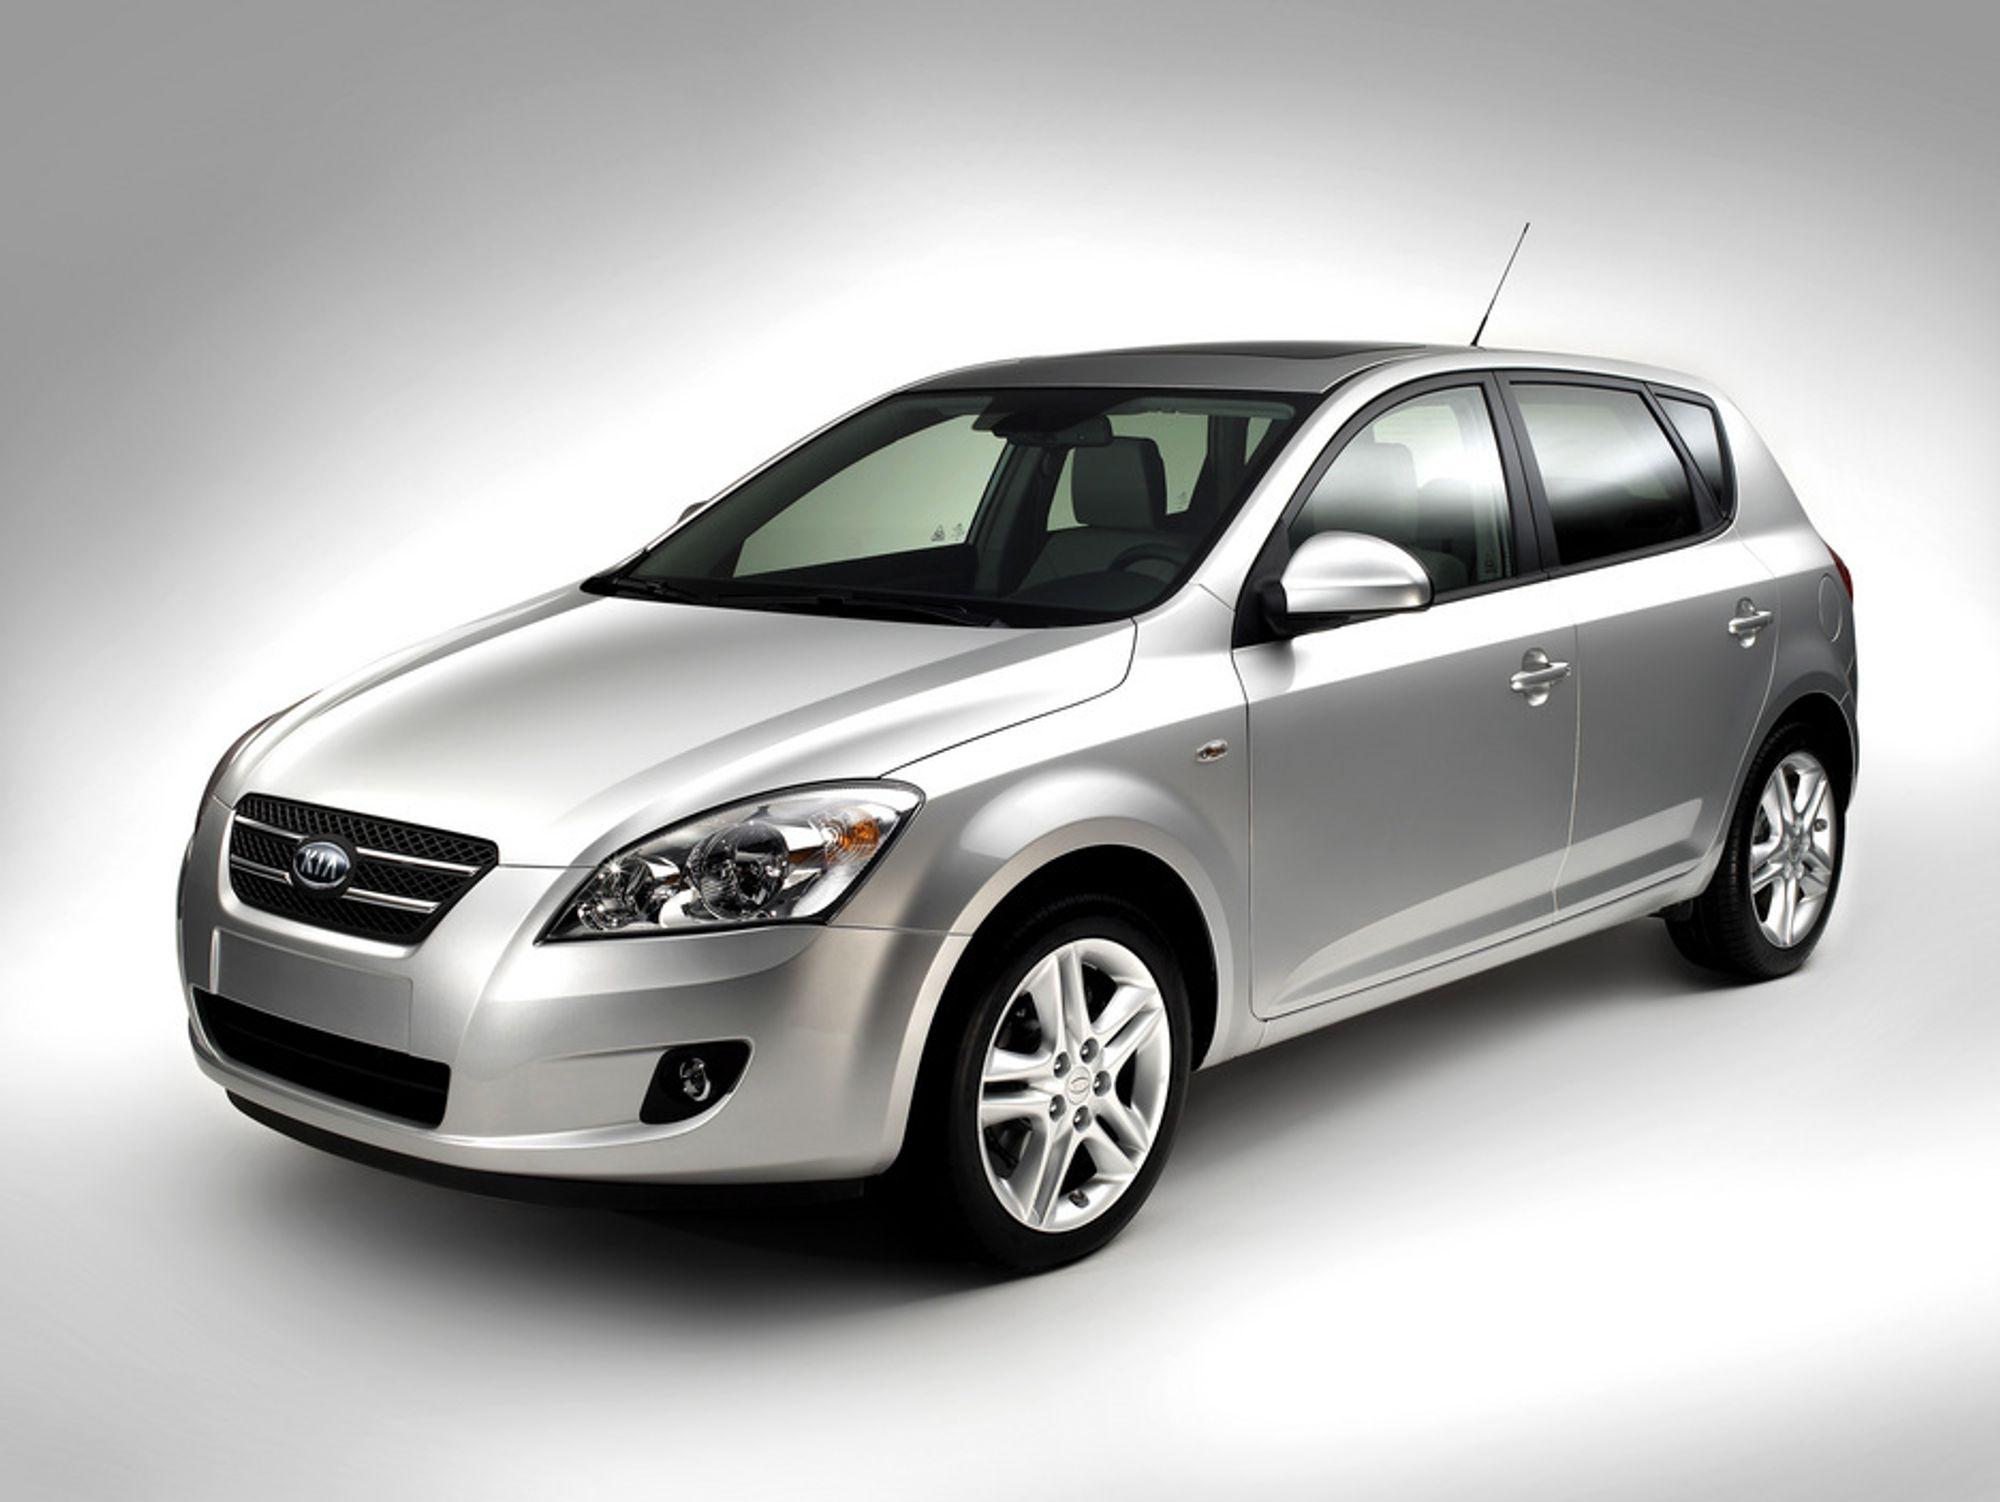 Kia CD er den første Kia som er designet og bygget i Europa, spesielt utviklet for det europeiske markedet. Den hevdes å ha størst innvendig plass i sin klasse. Bilen skal komme med fire motoralternativer, tre bensin og en diesel.